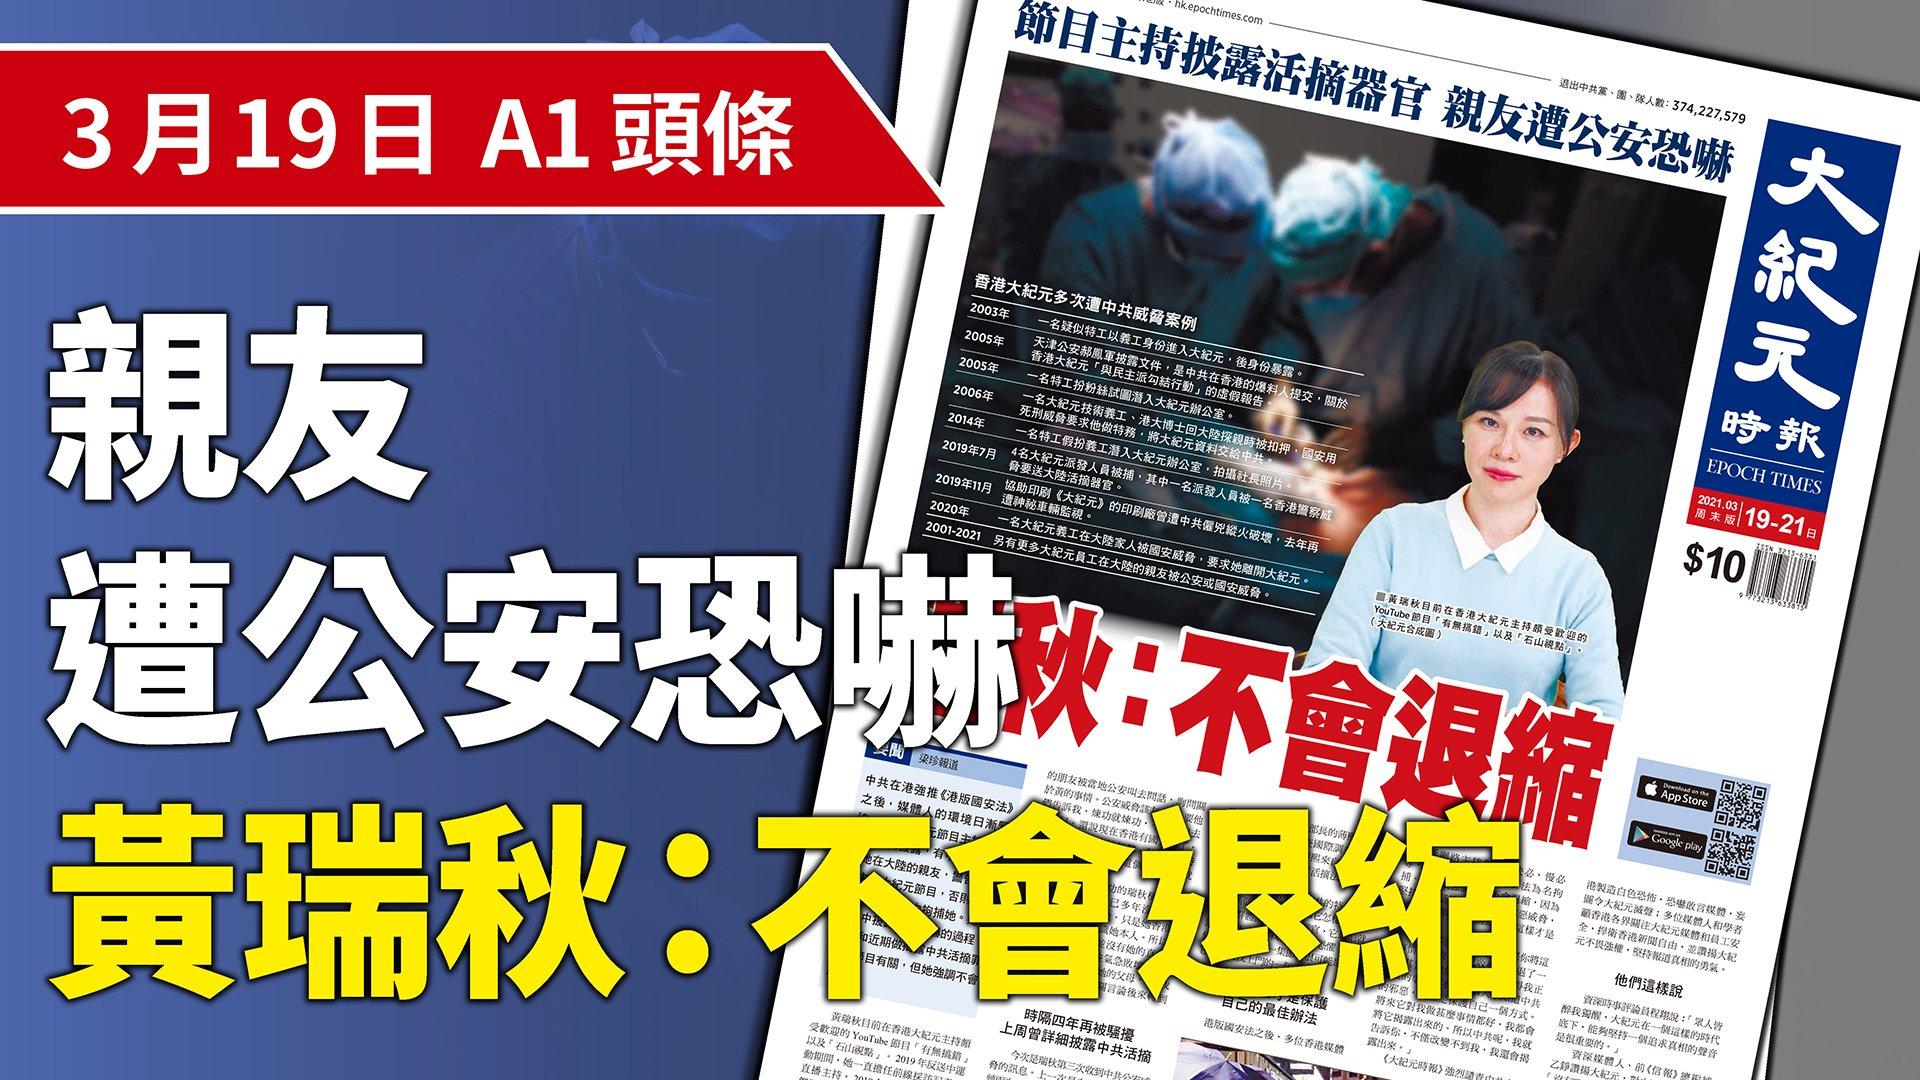 黃瑞秋目前在香港大紀元主持頗受歡迎的 YouTube節目「有無搞錯」以及「石山視點」。 ( 大紀元合成圖 )